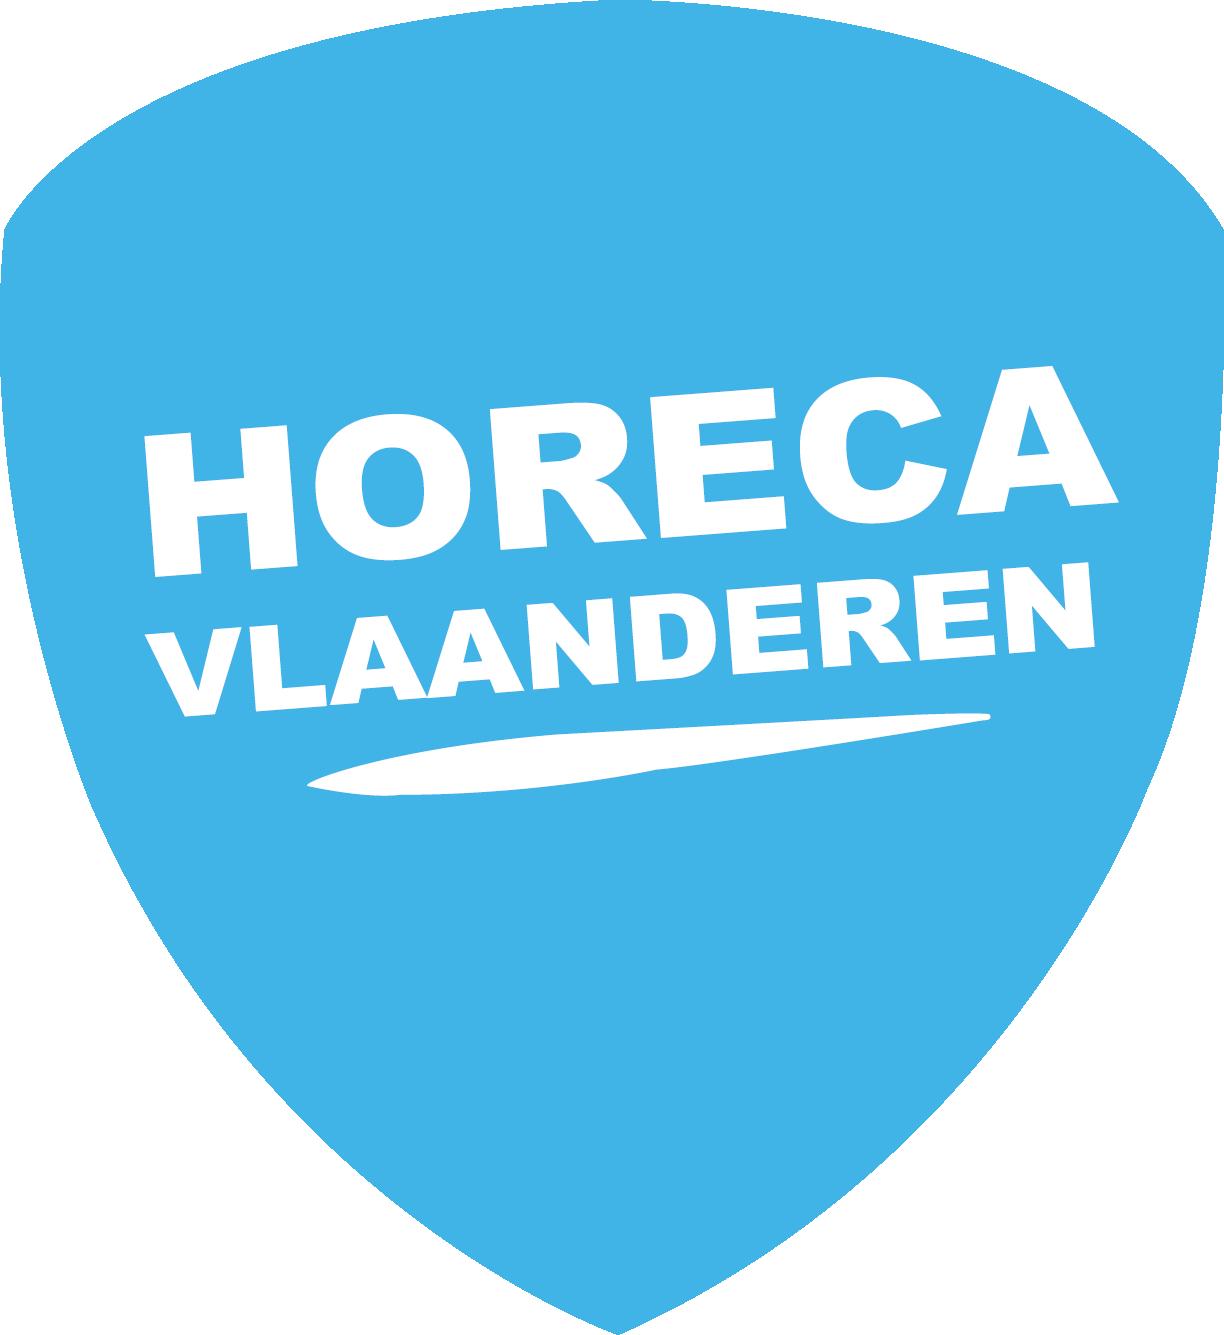 Horeca Vlaanderen Meetjesland